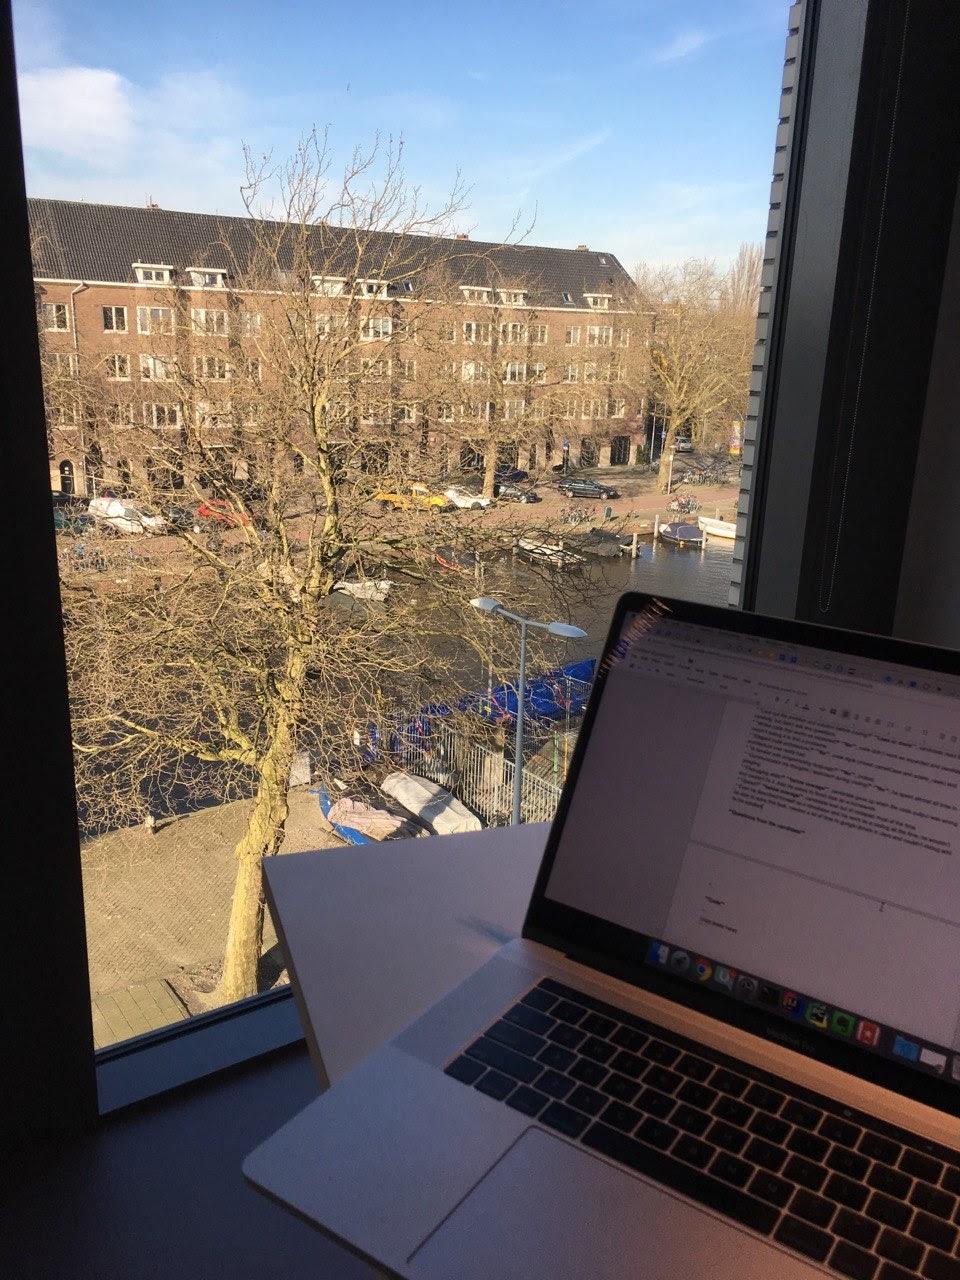 [Личный опыт] Еще про работу в Uber в Амстердаме: интервью, рост внутри компании, коммуникации - 4